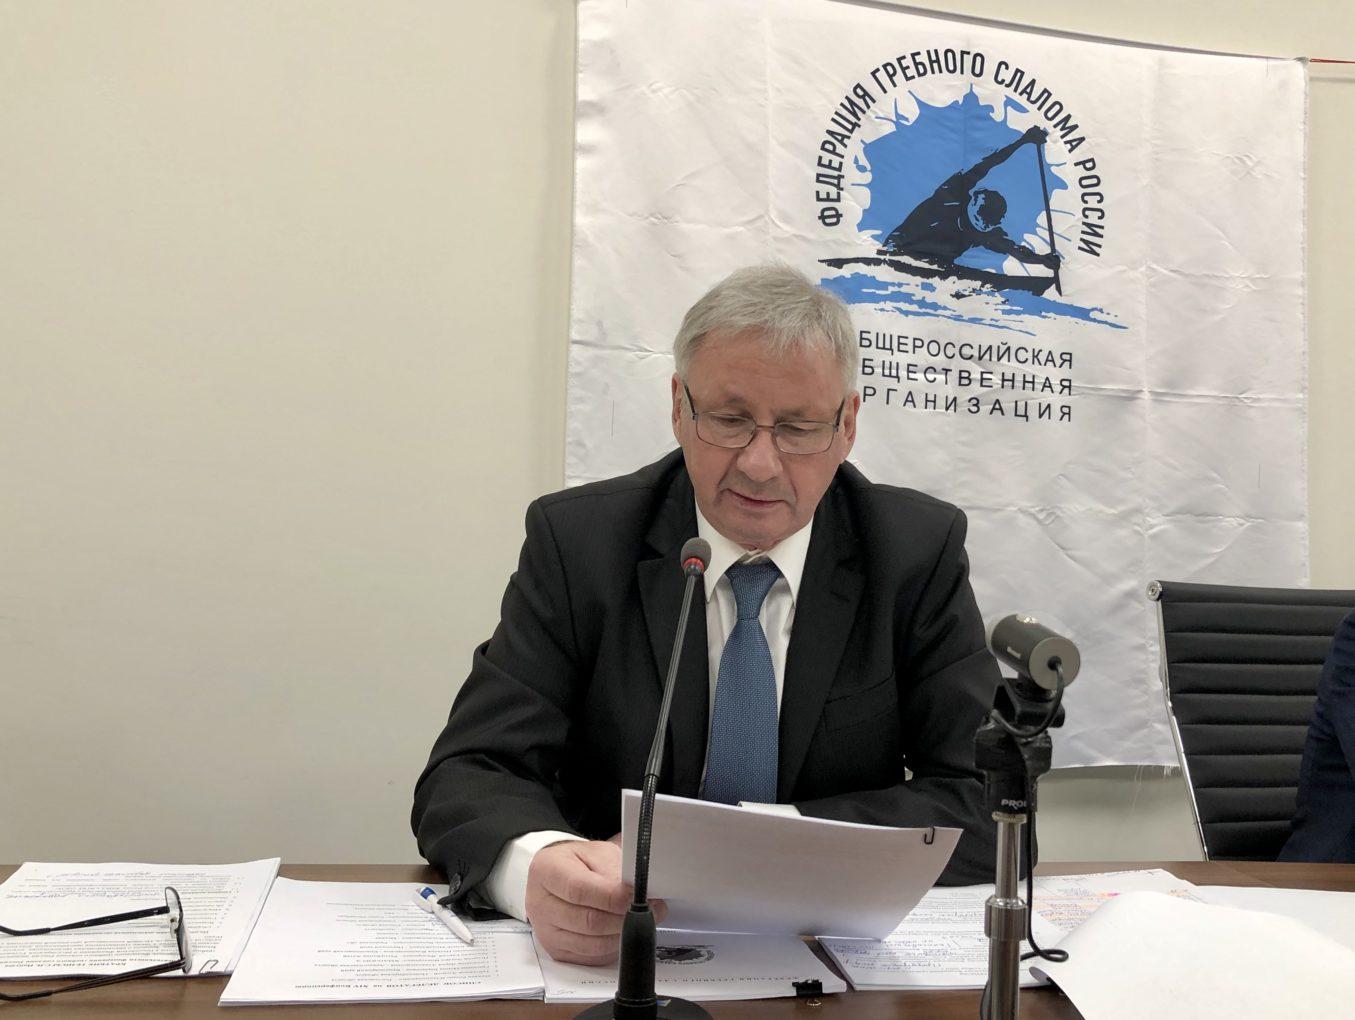 Сергей Папуш переизбран президентом ФГСР